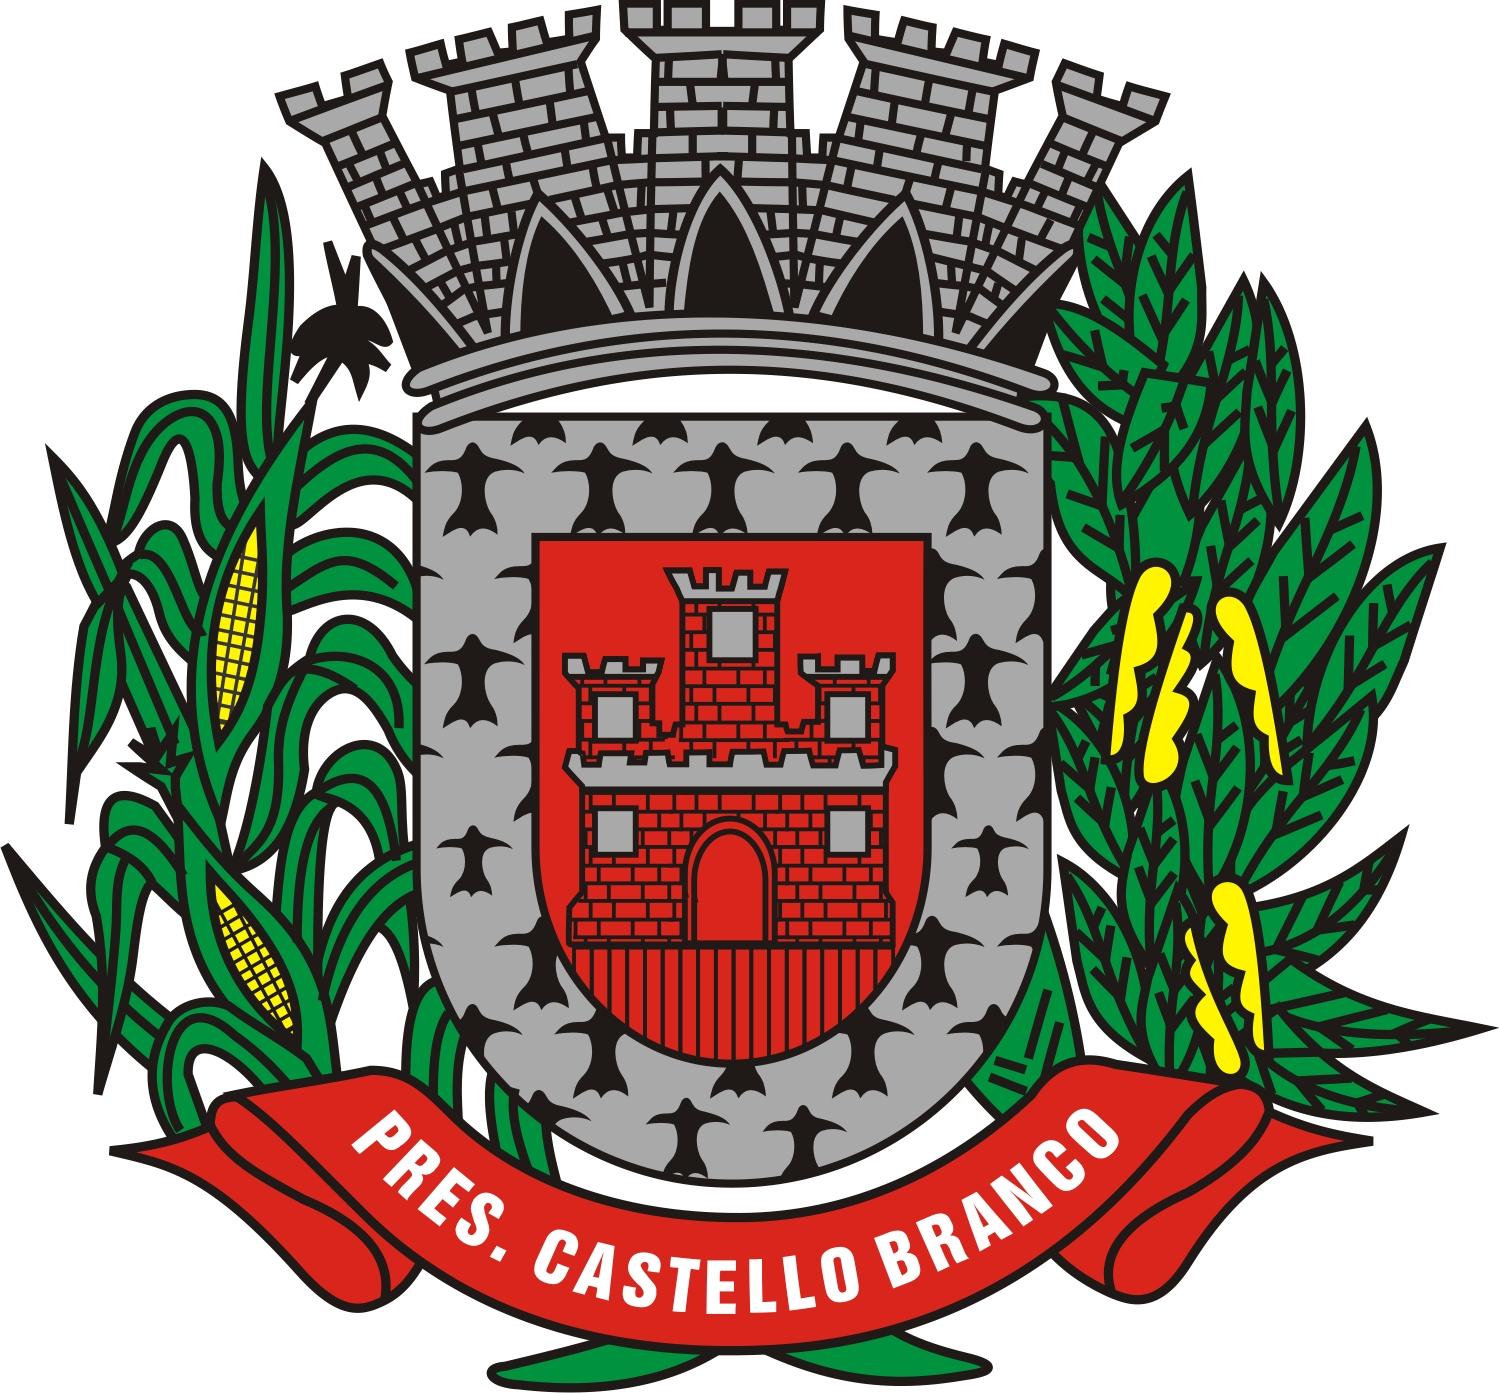 Logo da entidade Município de Presidente Castello Branco